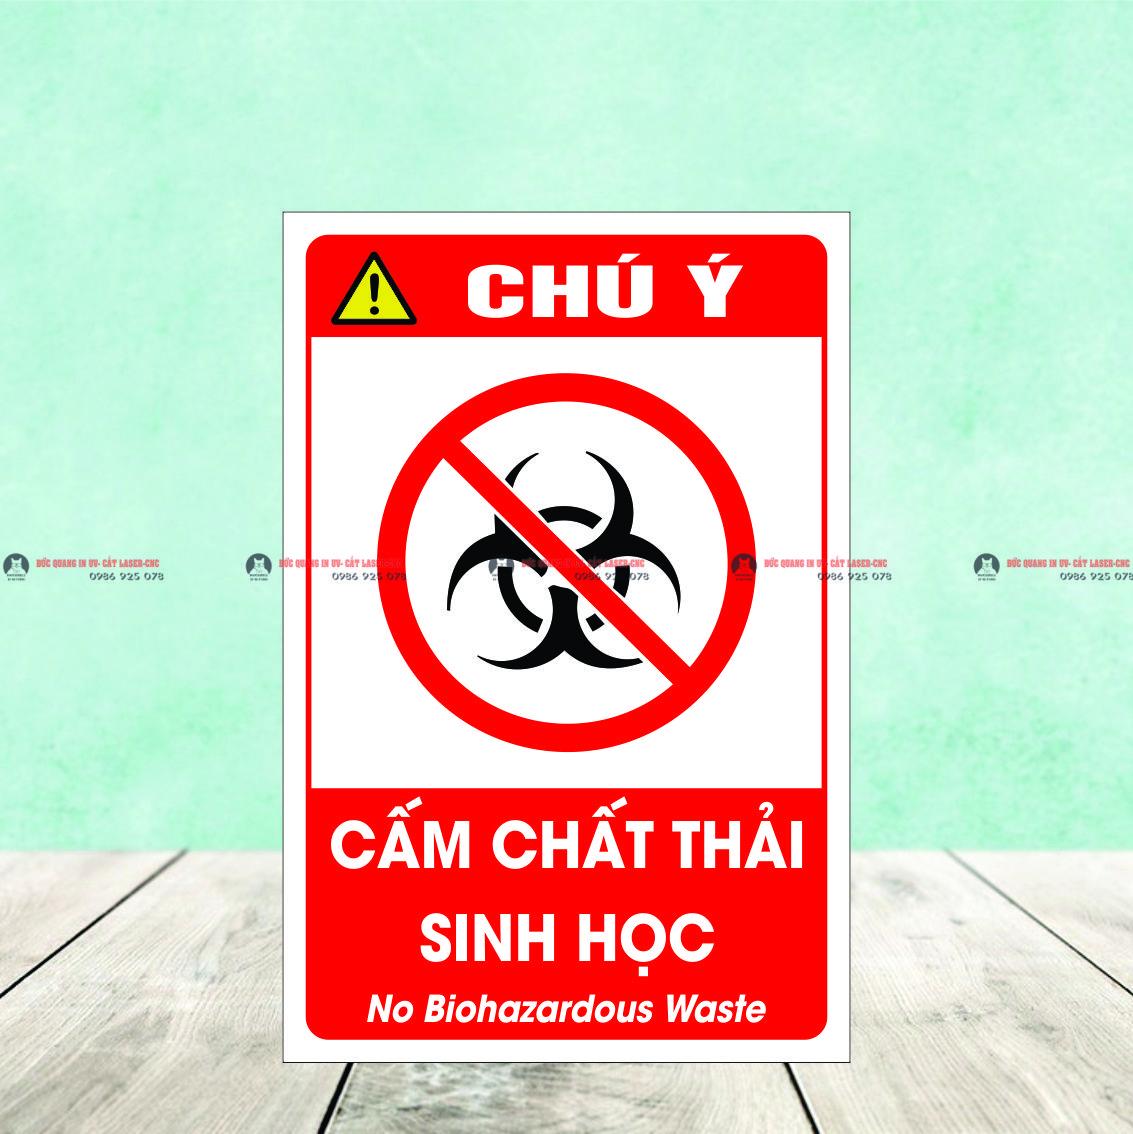 Cấm chất thải sinh học